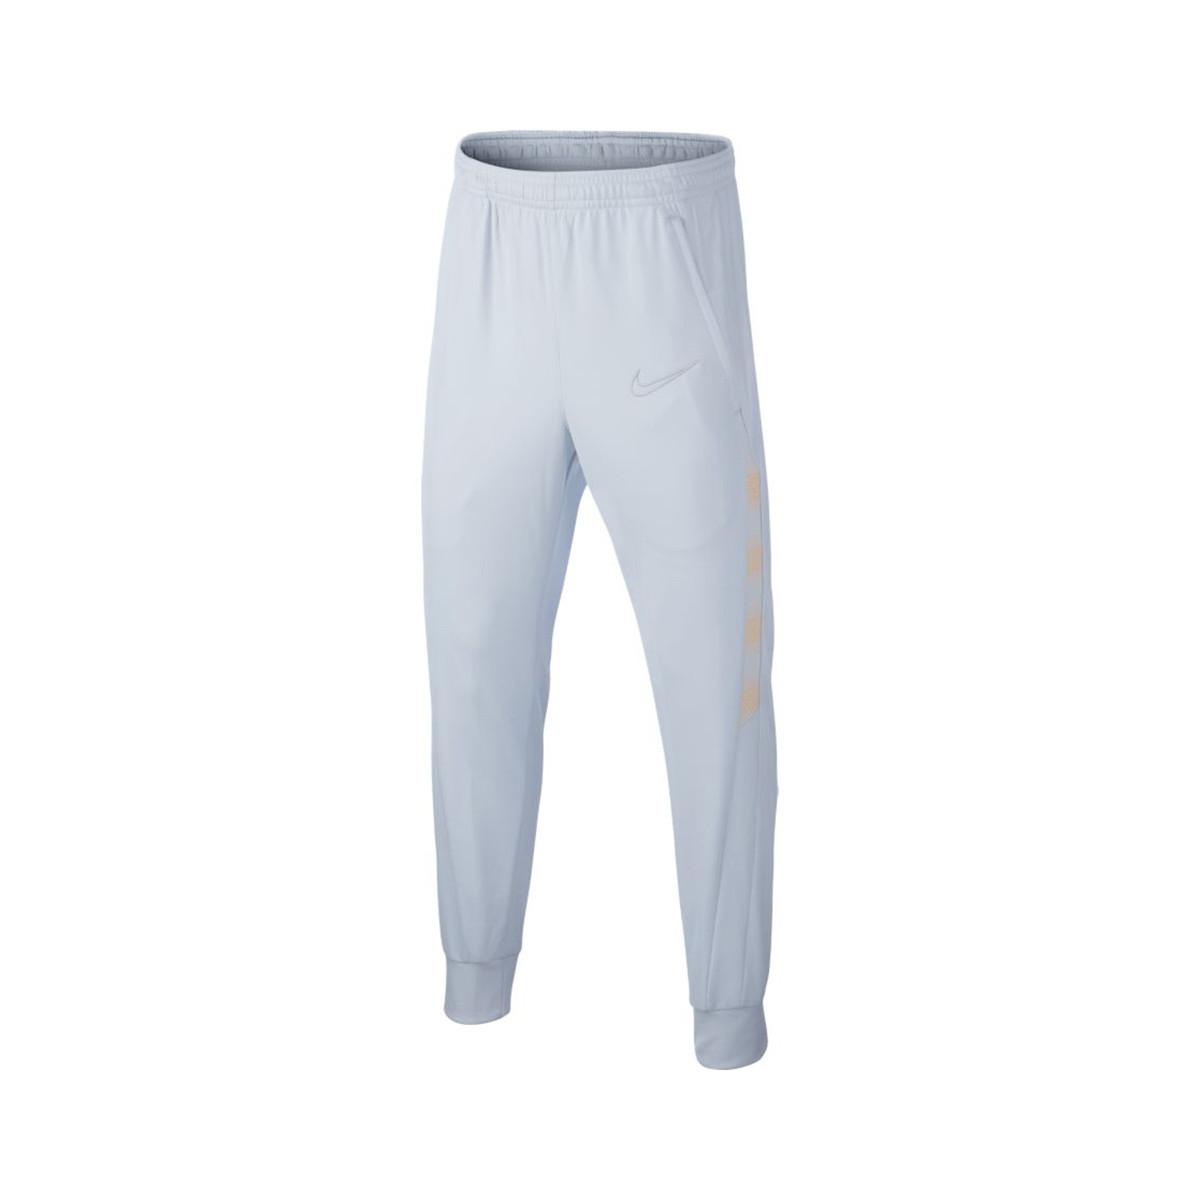 nike pantaloni pro